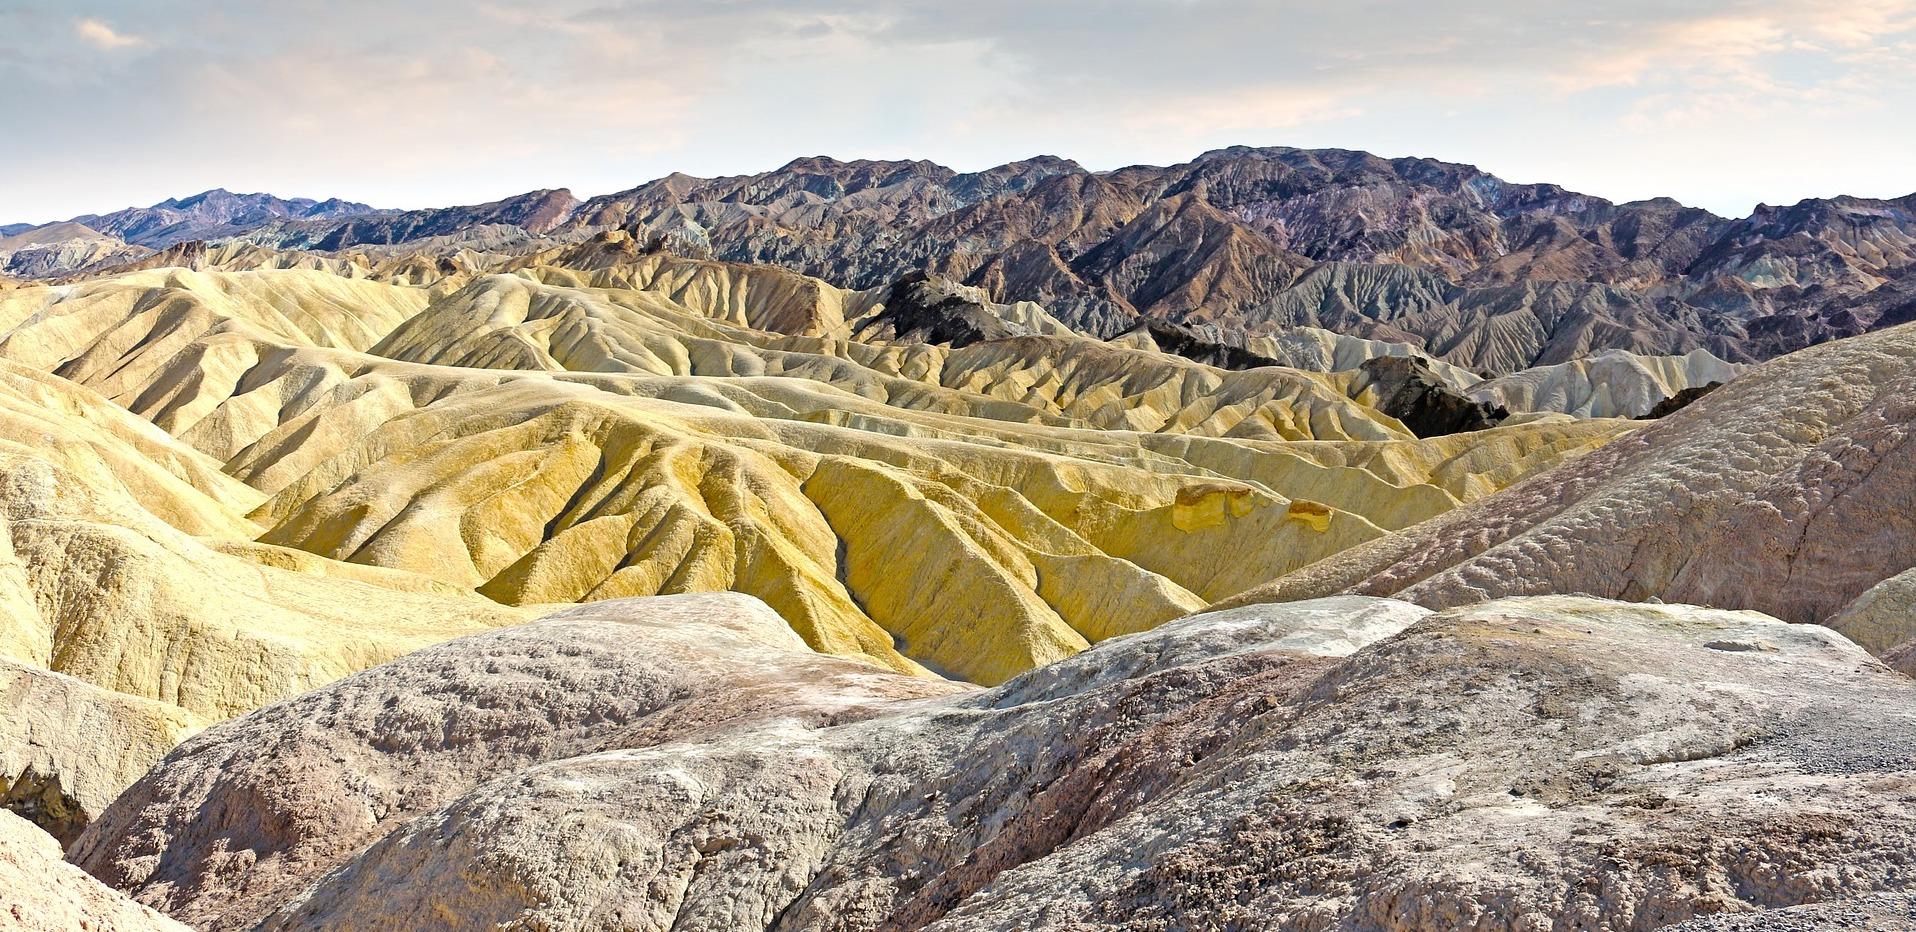 mountains-1372714_1920